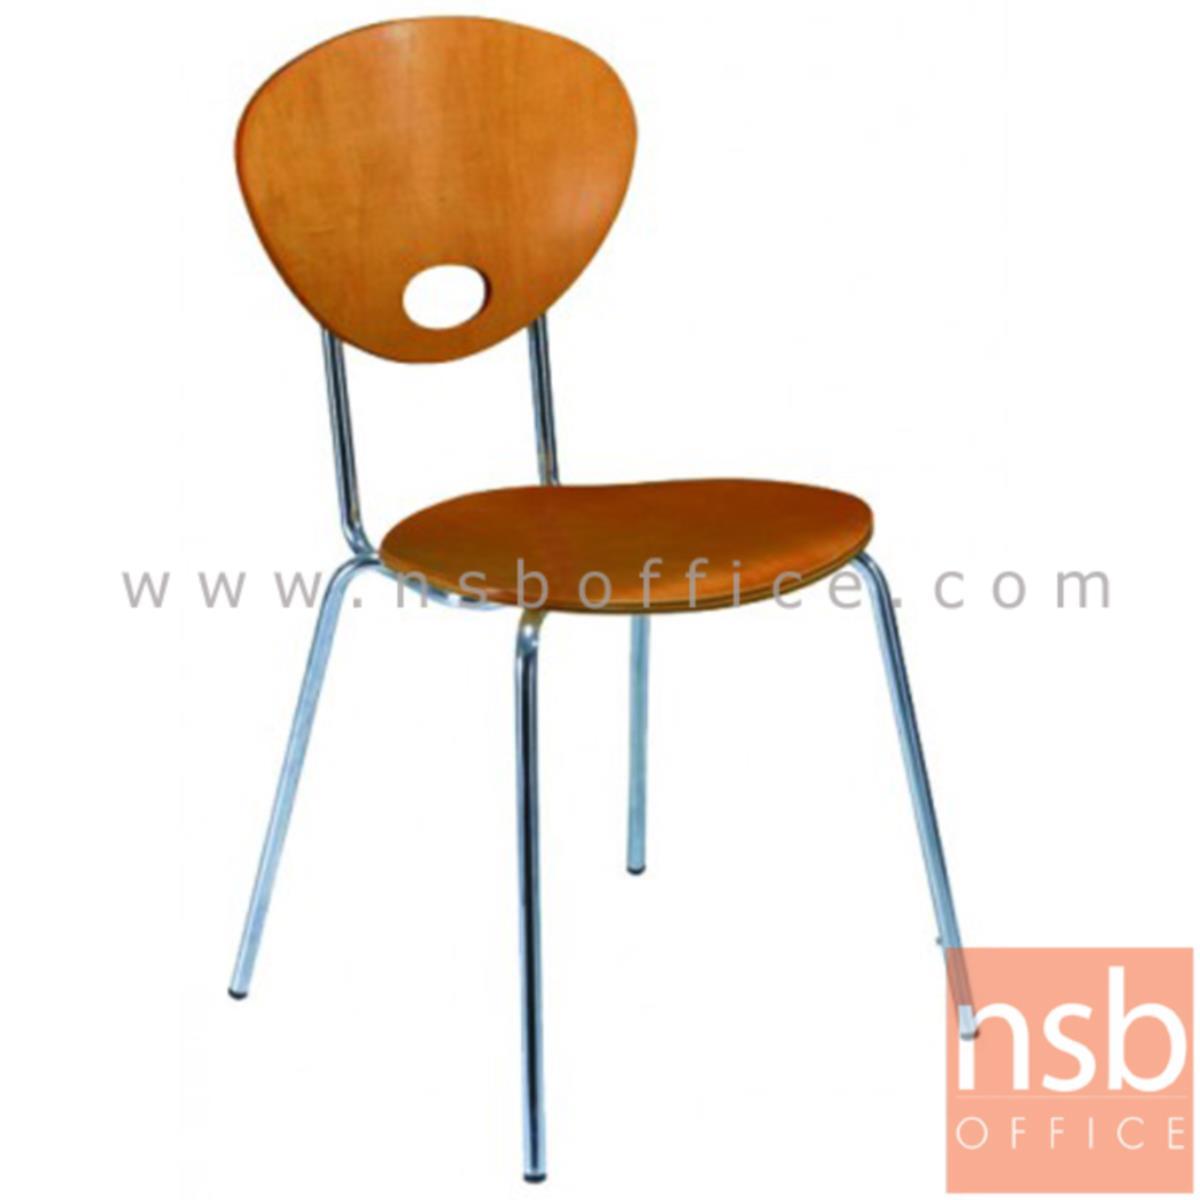 B20A035:เก้าอี้อเนกประสงค์ไม้วีเนียร์ดัด รุ่น Chandler (แชนด์เลอร์)  ขาเหล็กชุบโครเมี่ยม